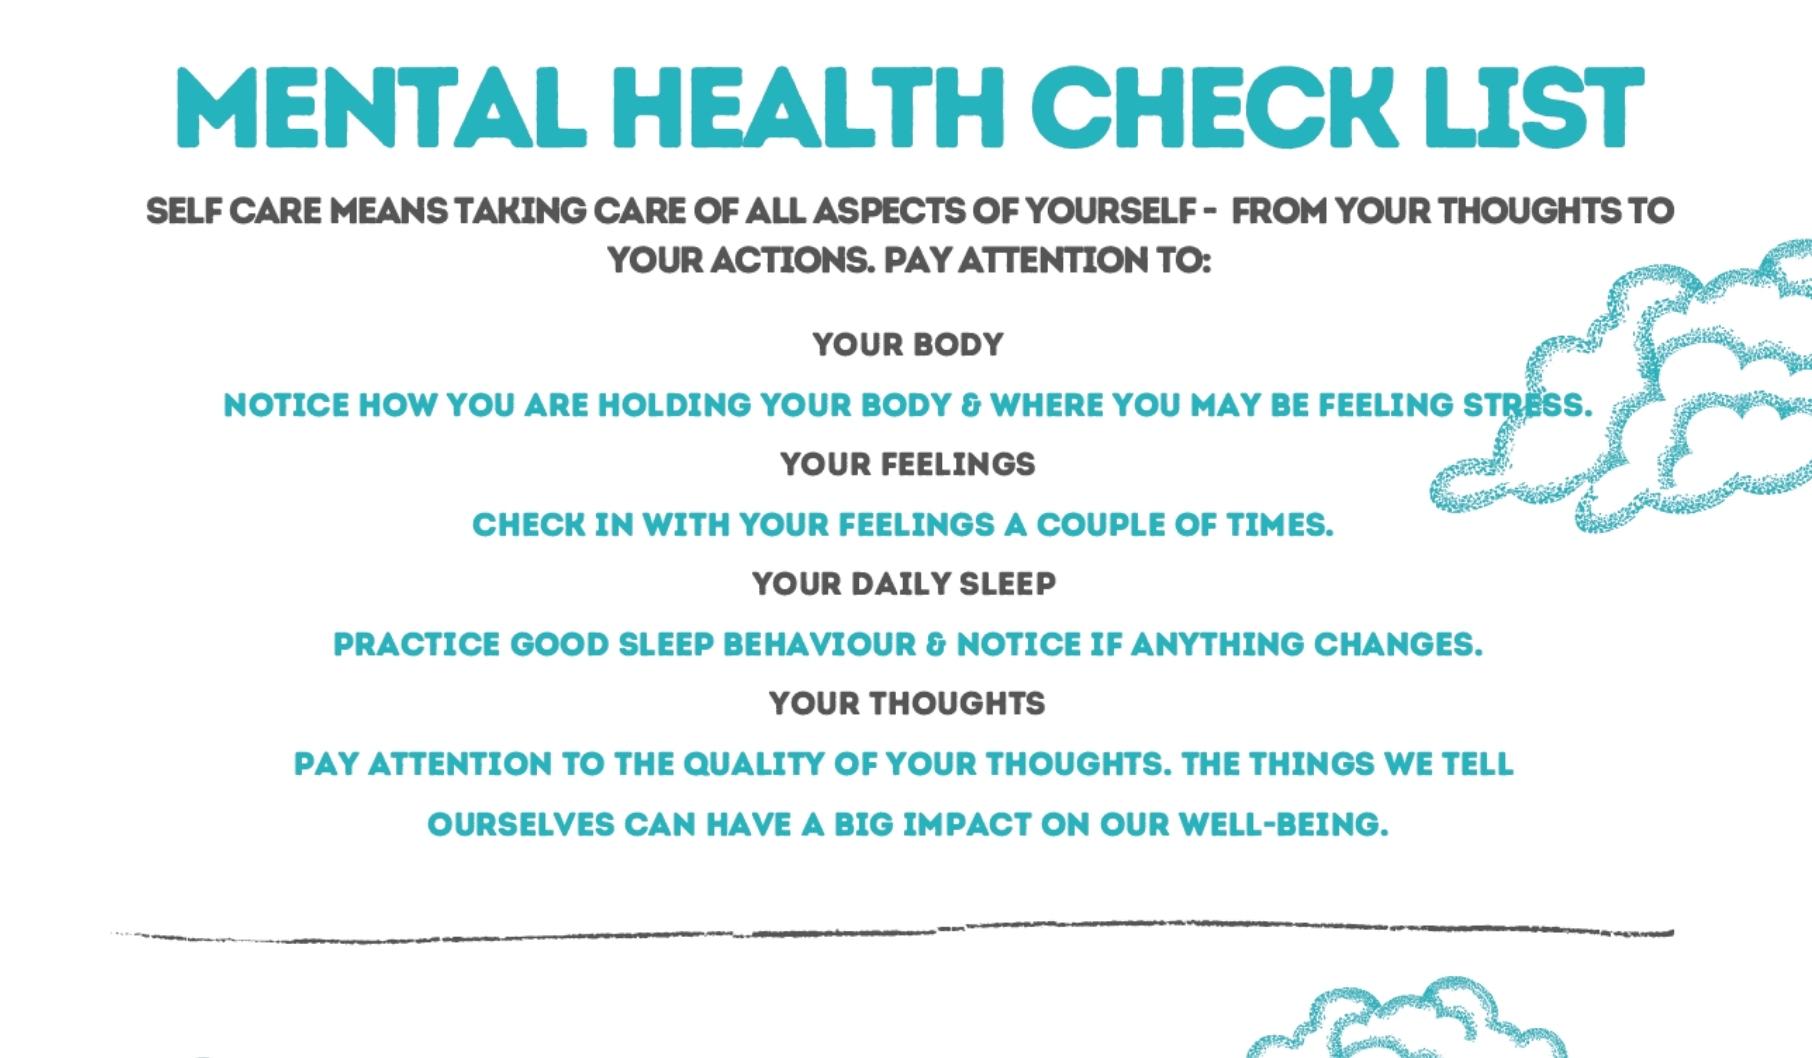 The Self Centre Mental Health Checklist